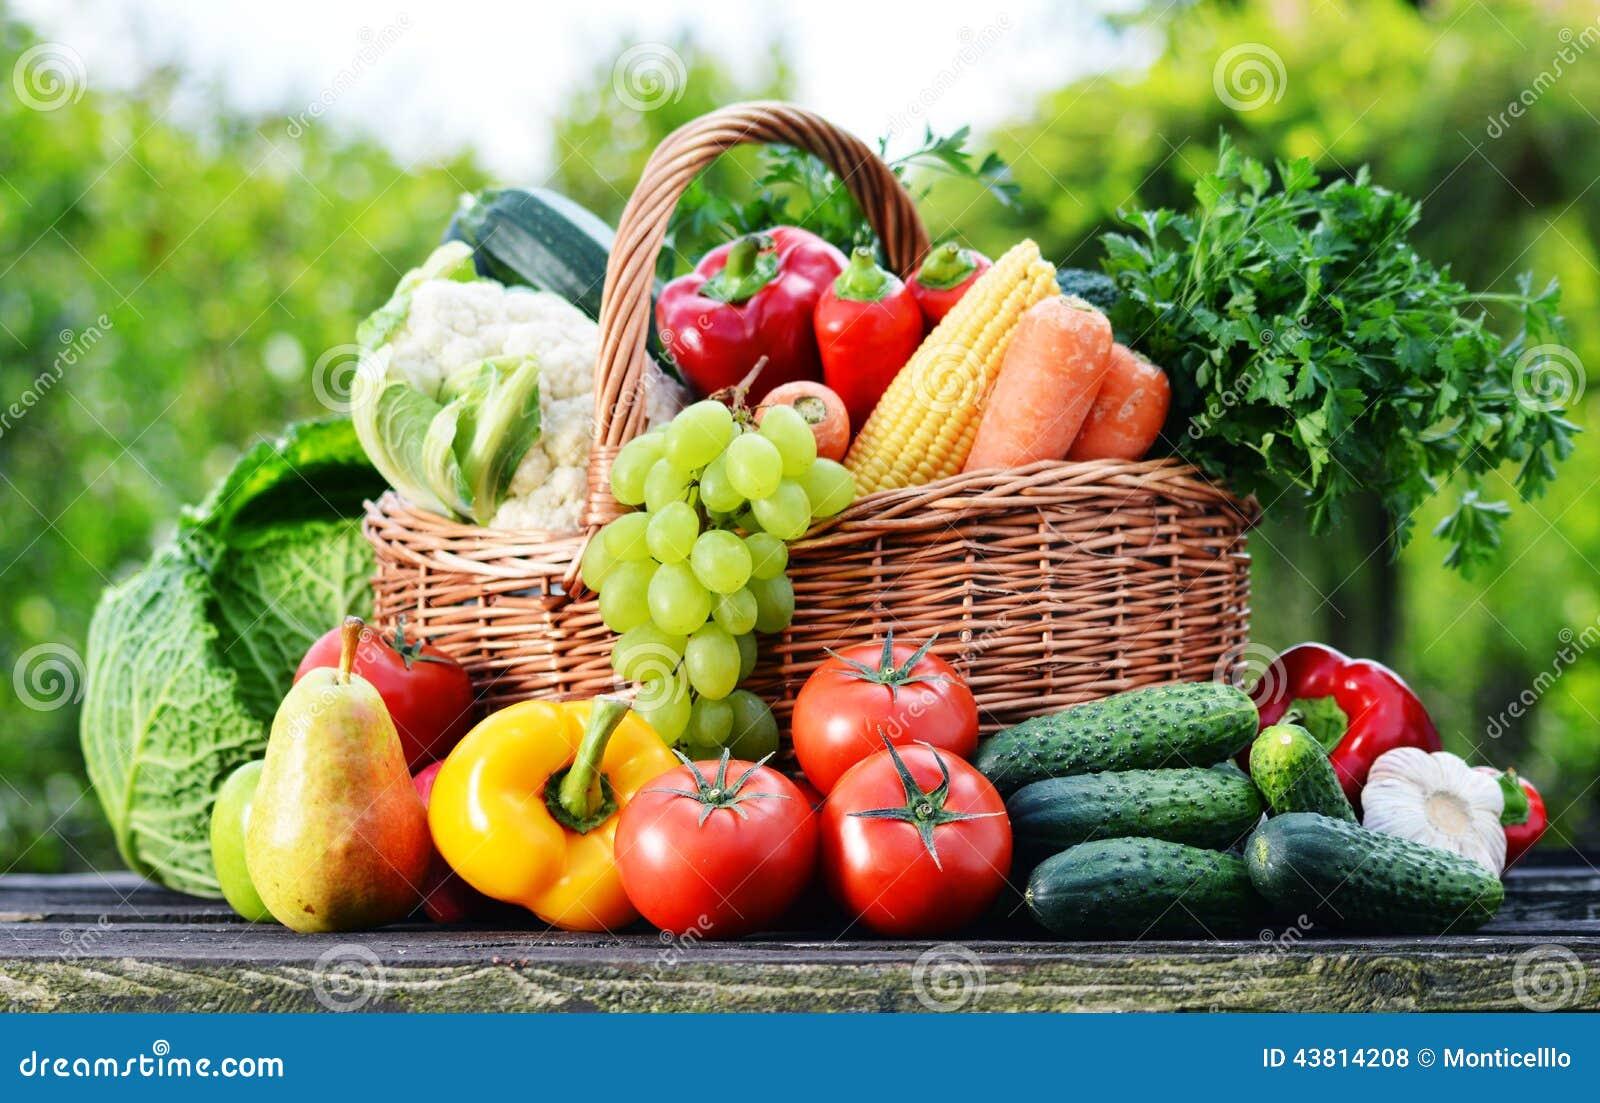 Panier En Osier Avec Les L Gumes Organiques Crus Assortis